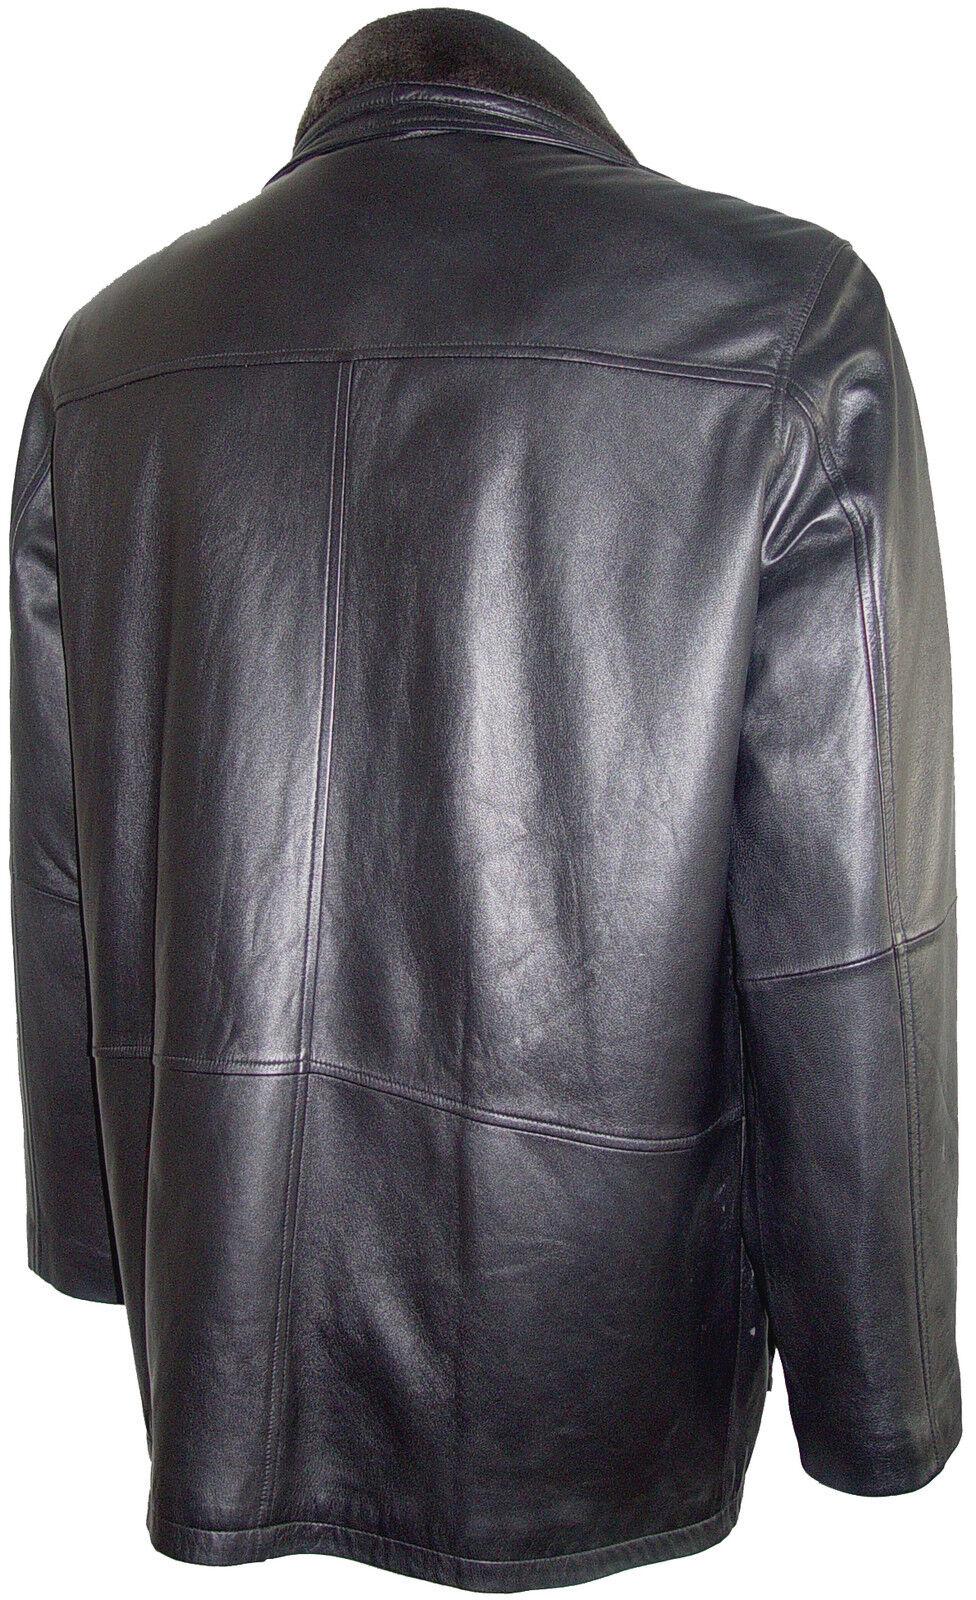 2002 Tall Man Geschäft Clothing  Leder Barn Coats All Größe